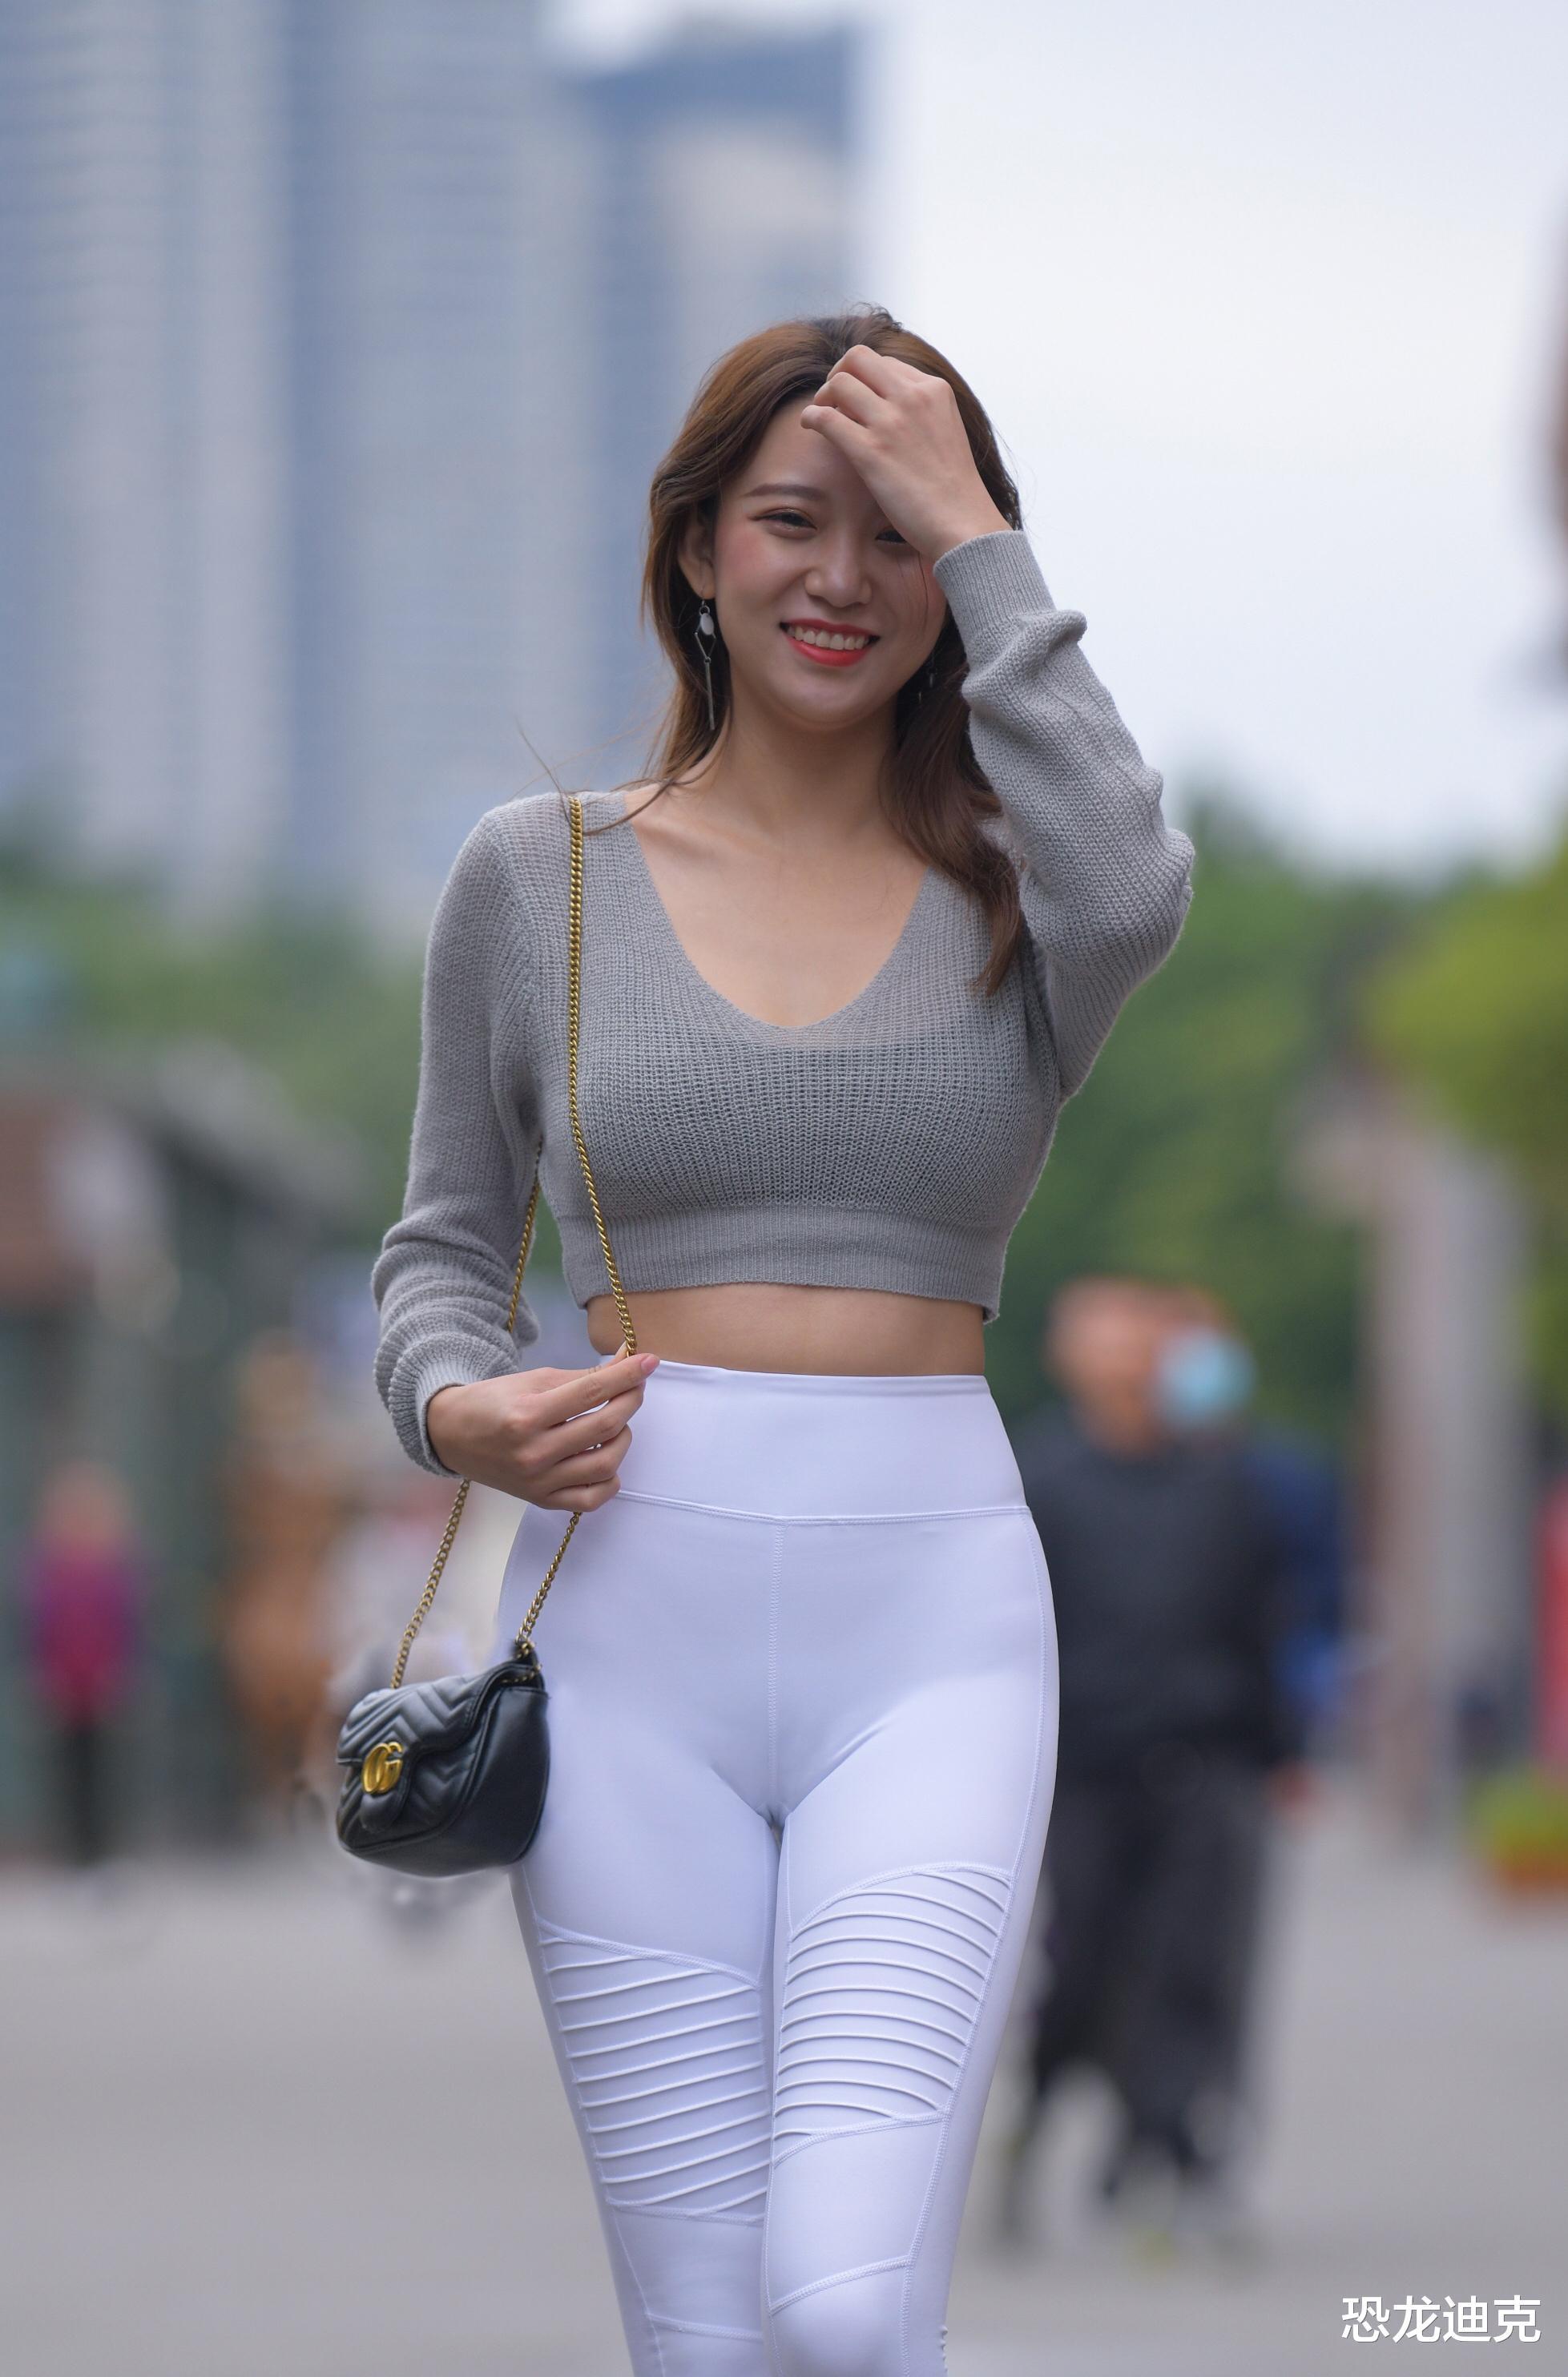 性感的热裤在瑜伽裤面前,有时候也会黯然失色